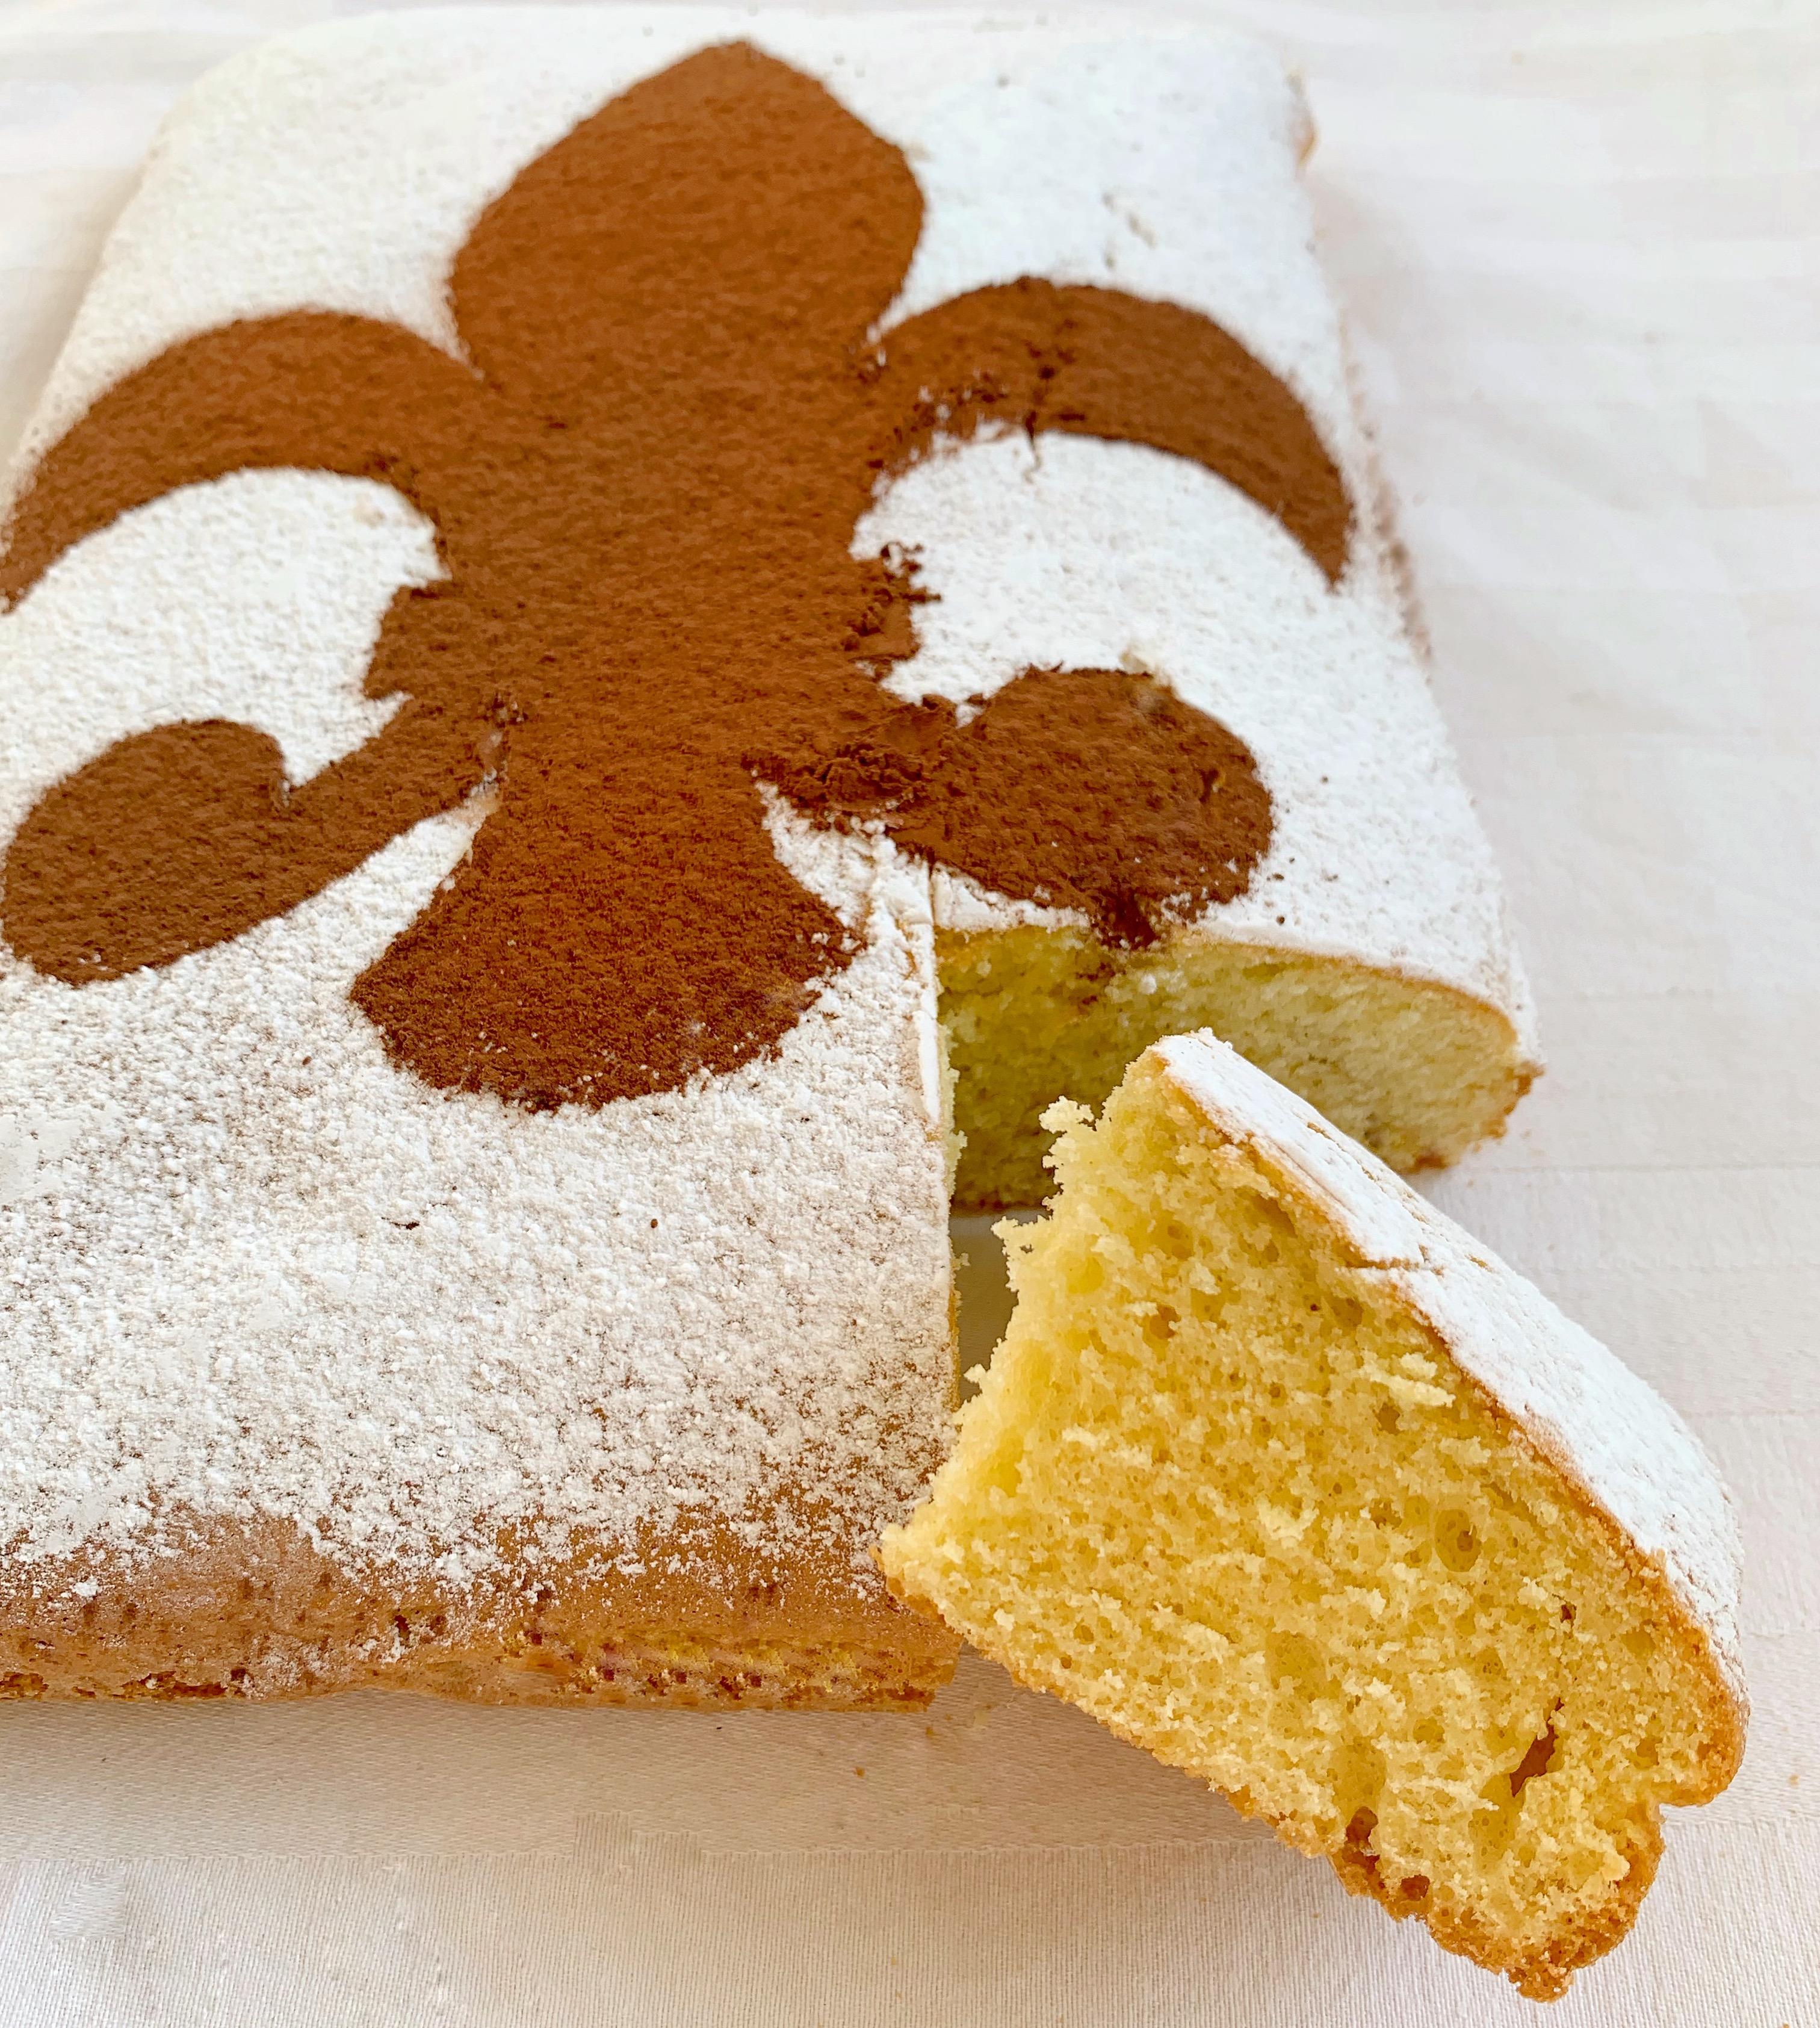 La Schiacciata alla Fiorentina un dolce di carnevale toscano semplice e leggero!